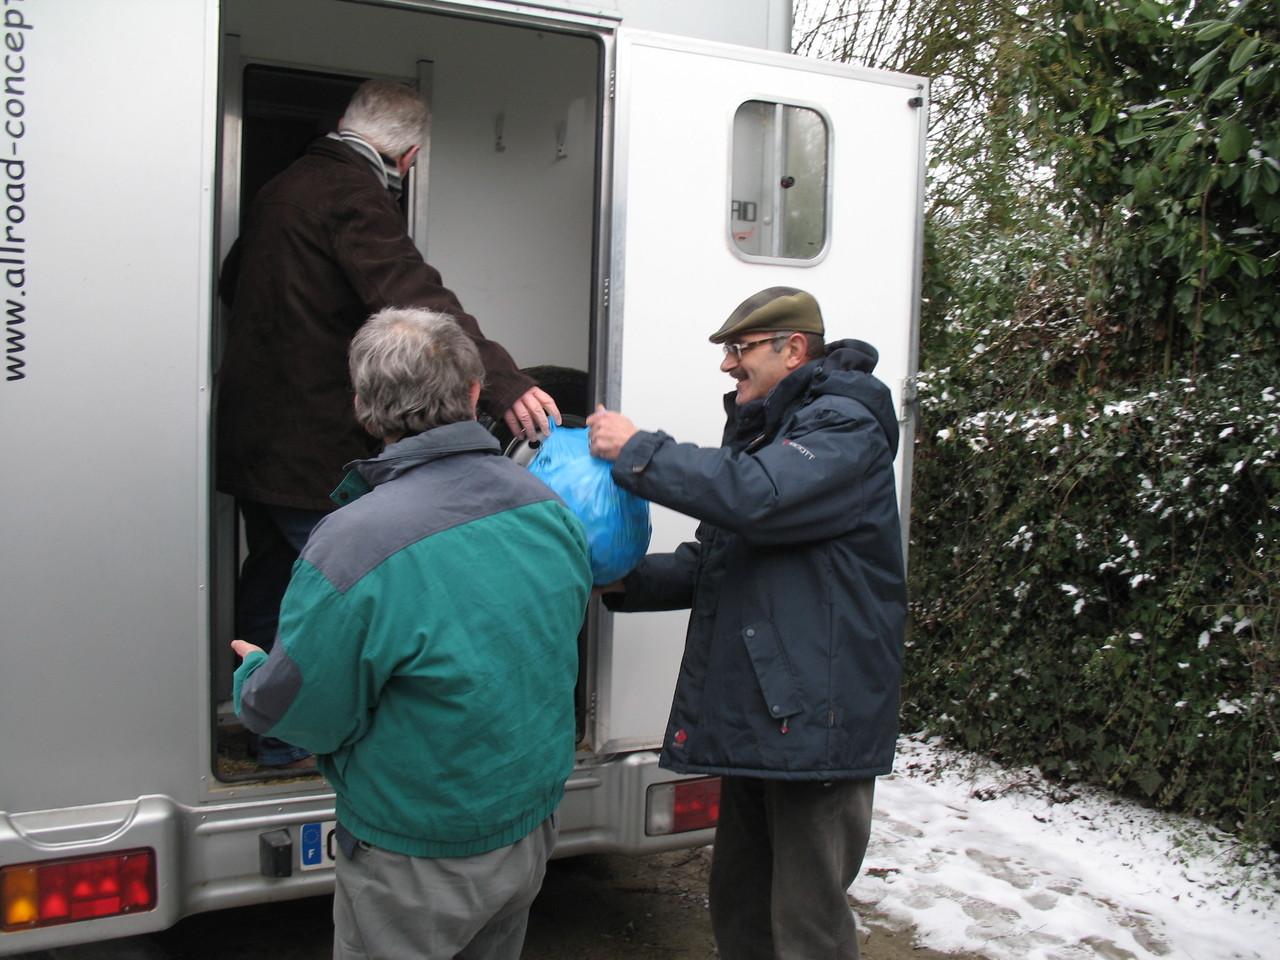 Samedi 19 janvier 2013  Arrivage en provenance   du « LIONS CLUB »  de Bagnoles de l'Orne de 2 T.de Bouchons